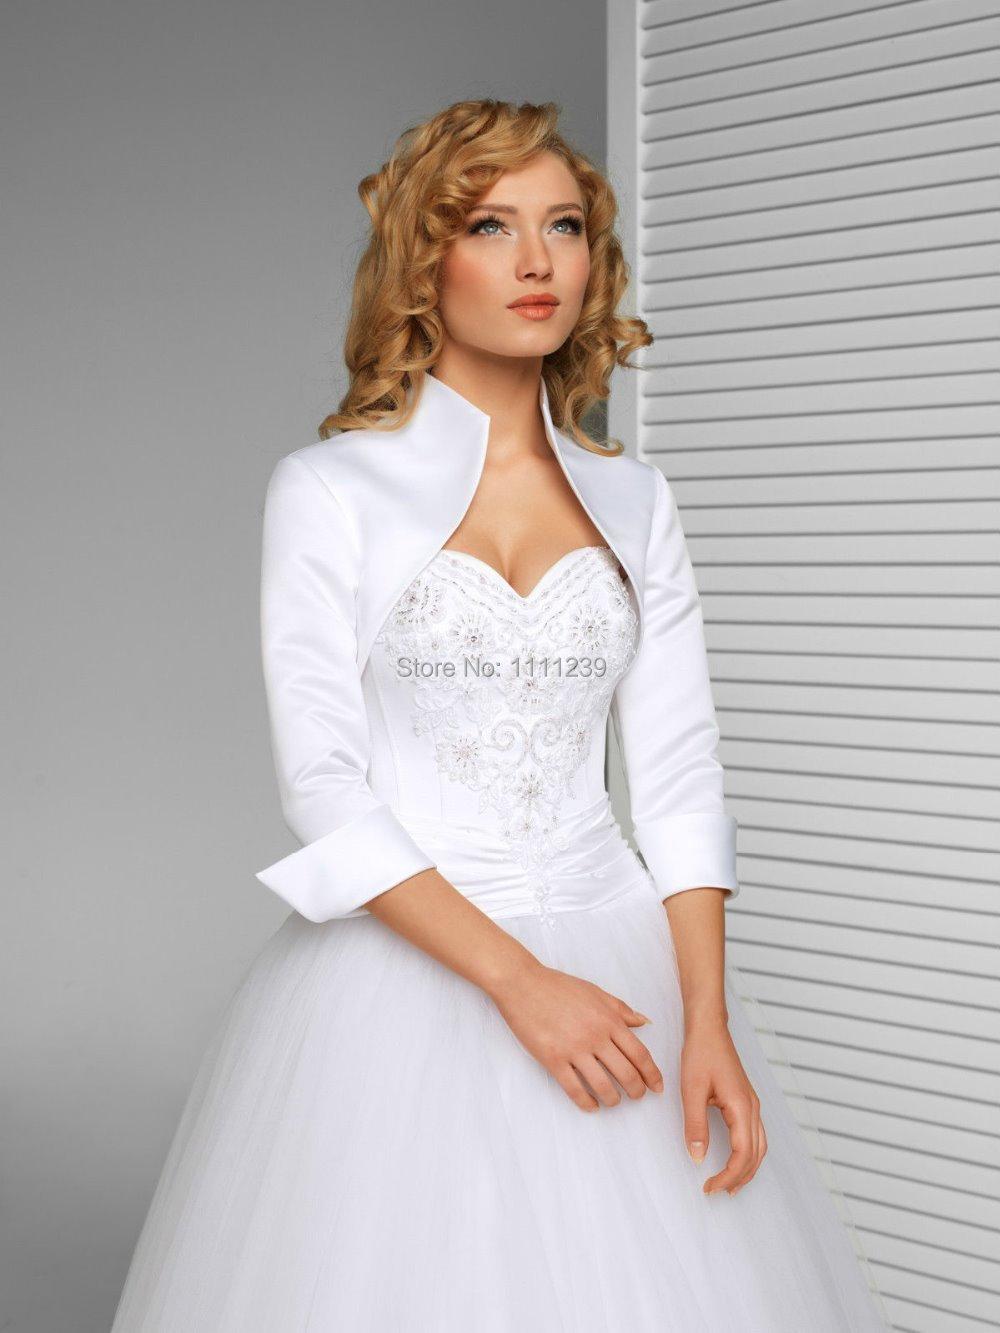 New wedding satin shrug bridal bolero jacket coat ds0597 for Jacket dress for wedding